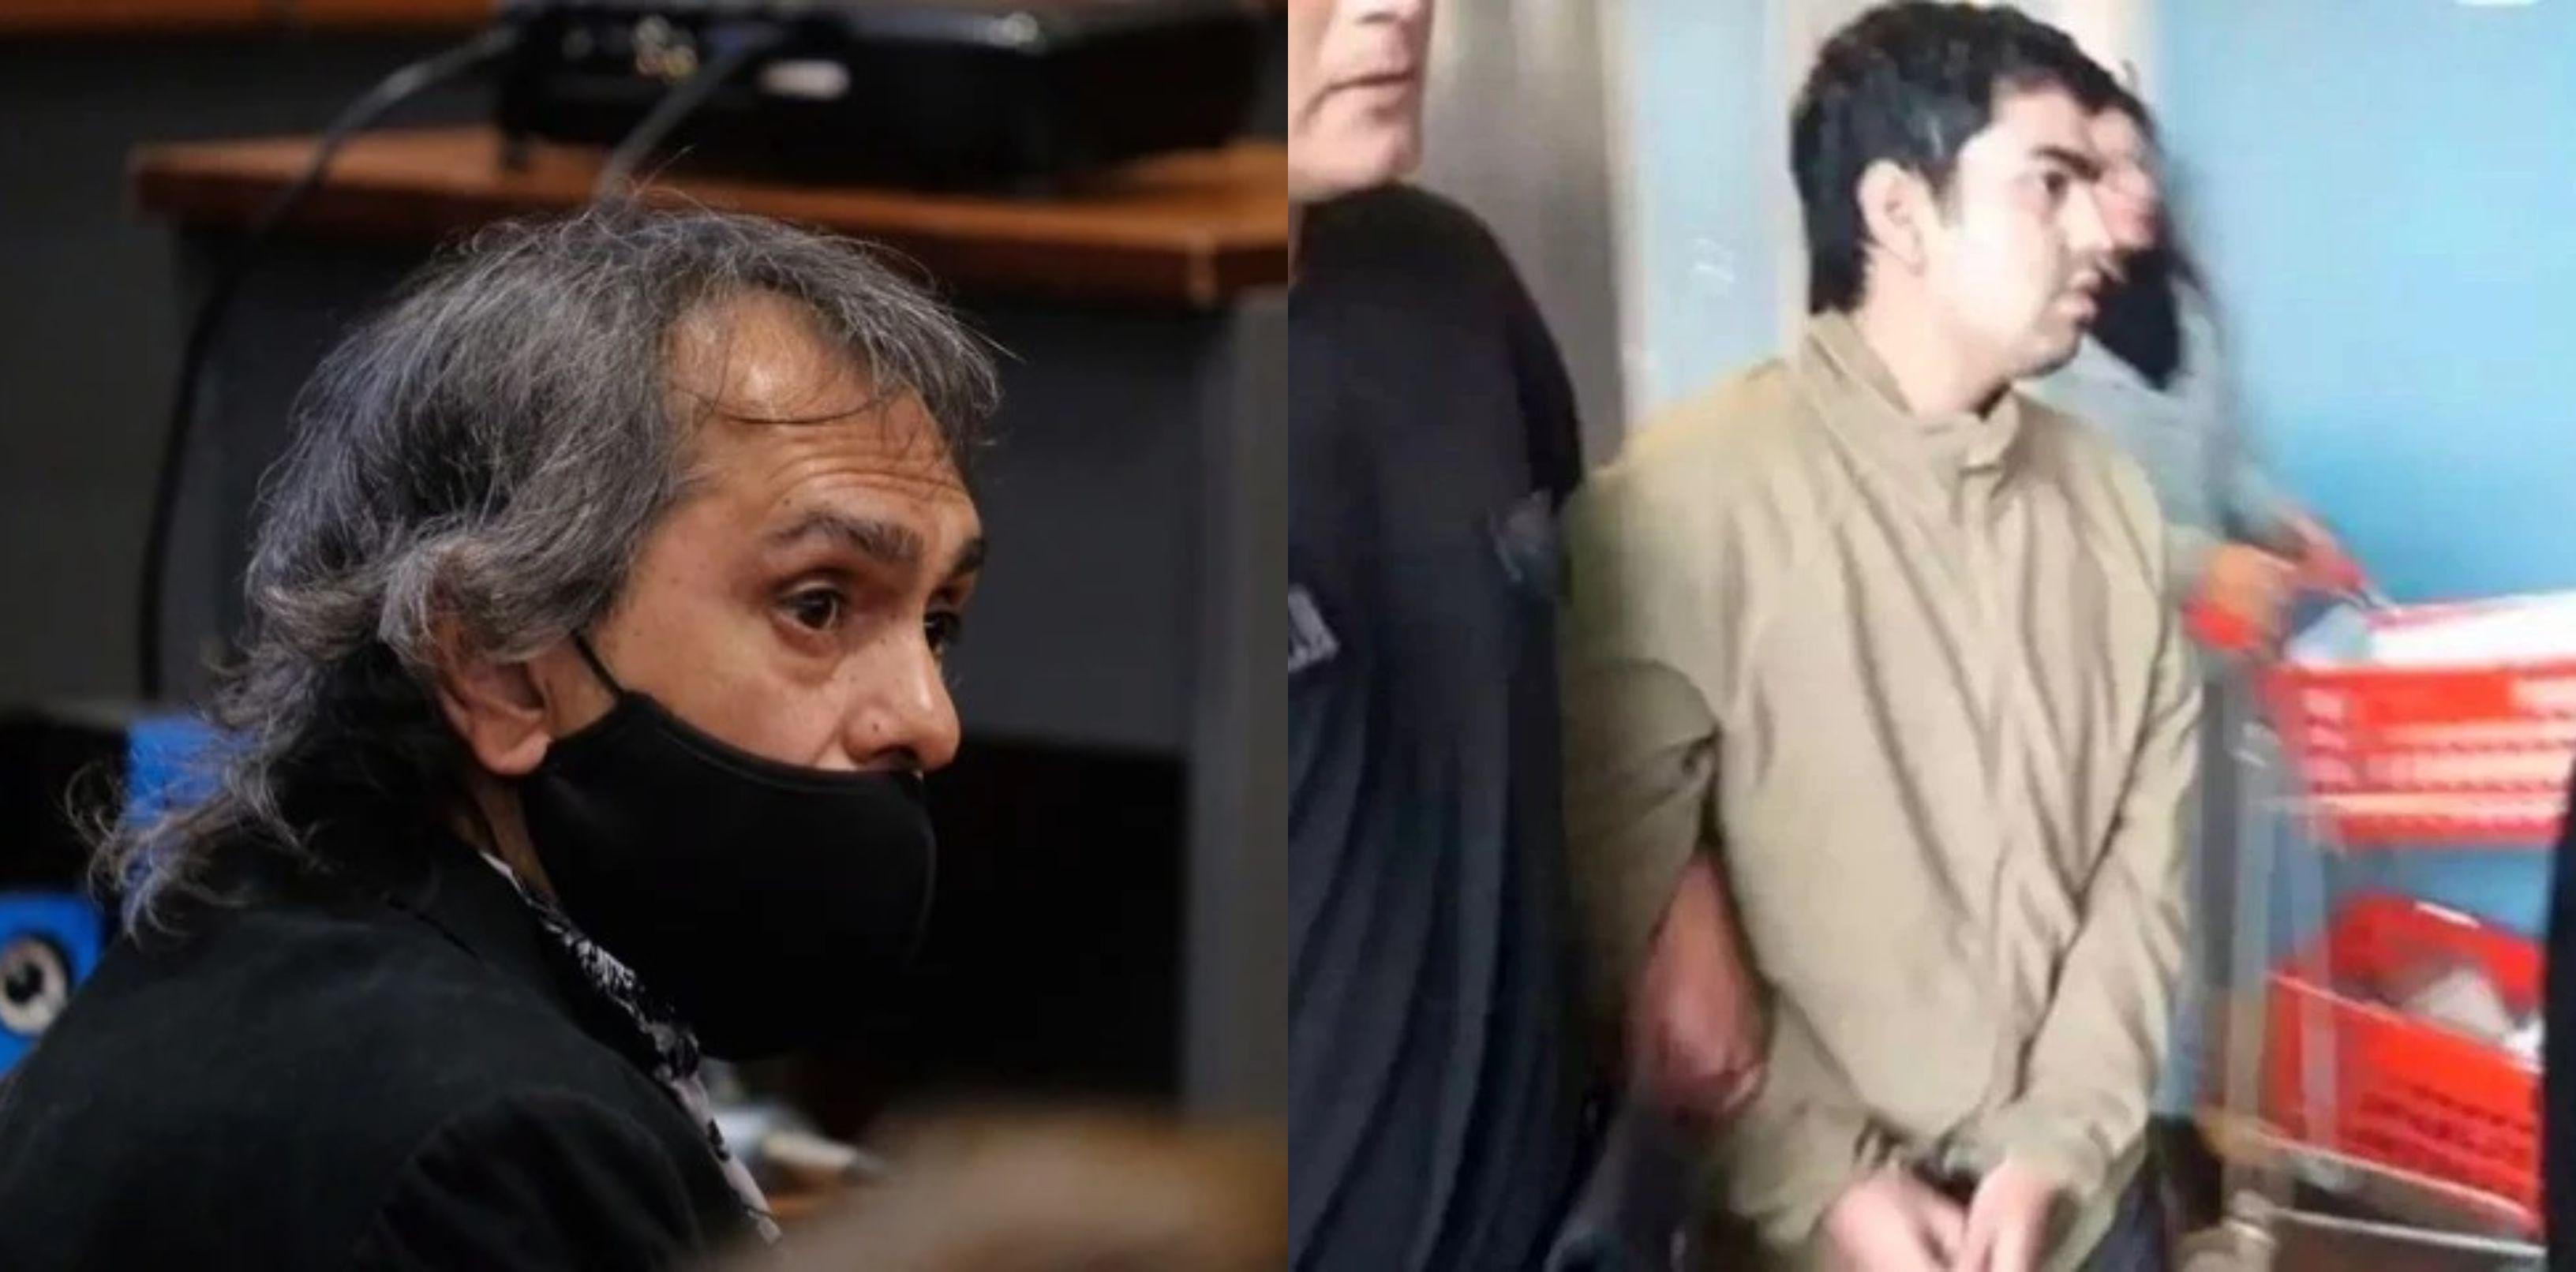 condenan a teruel a doce anos de carcel por abuso sexual agravado